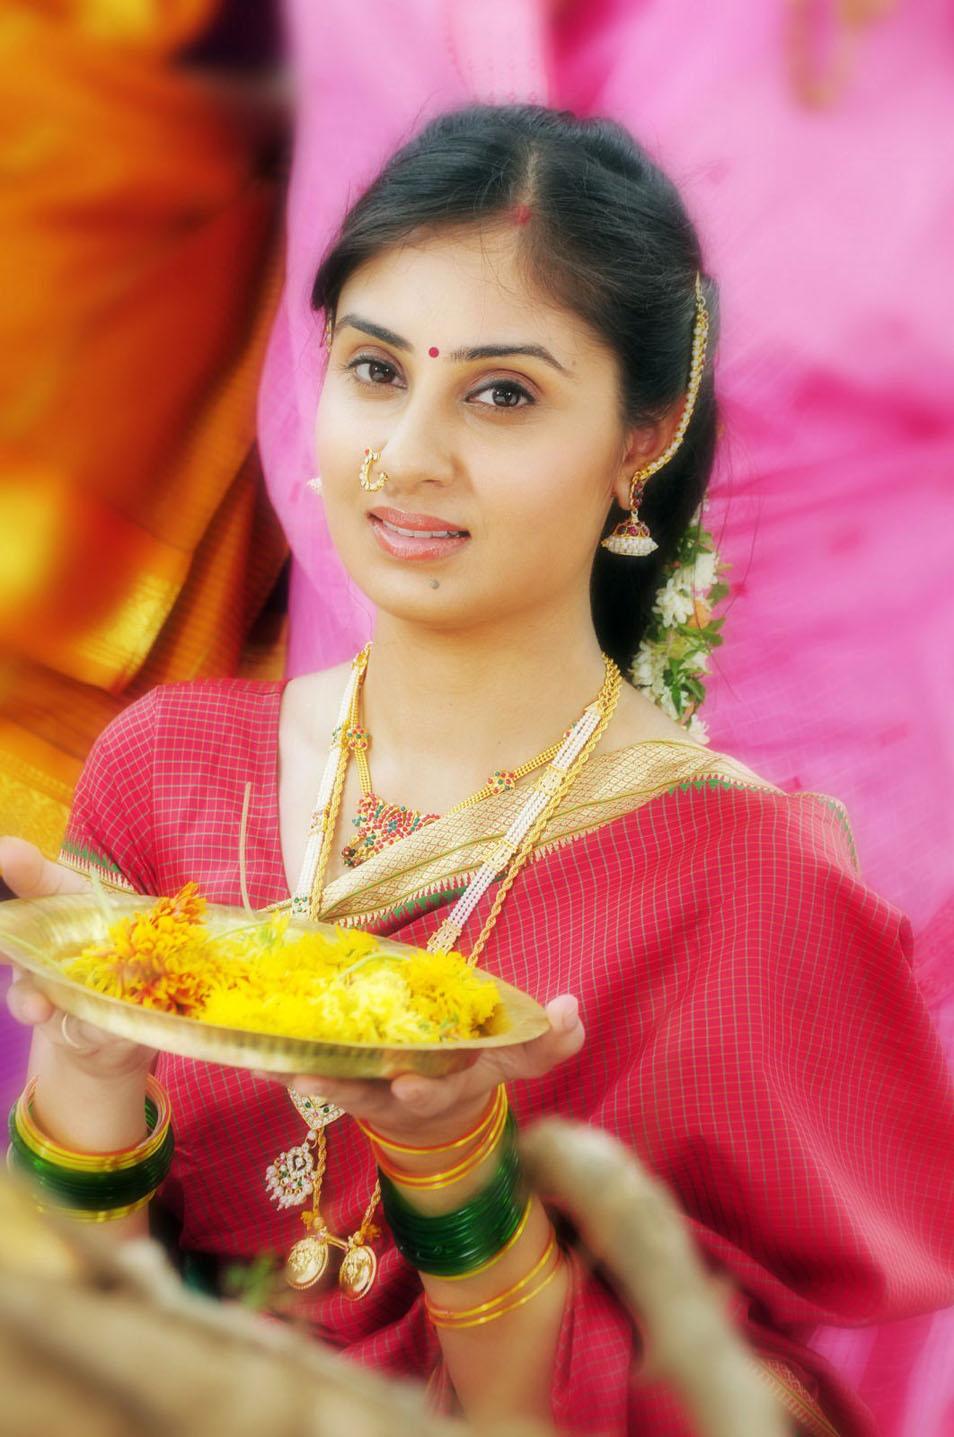 Bhanu sri mehra latest stills in saree